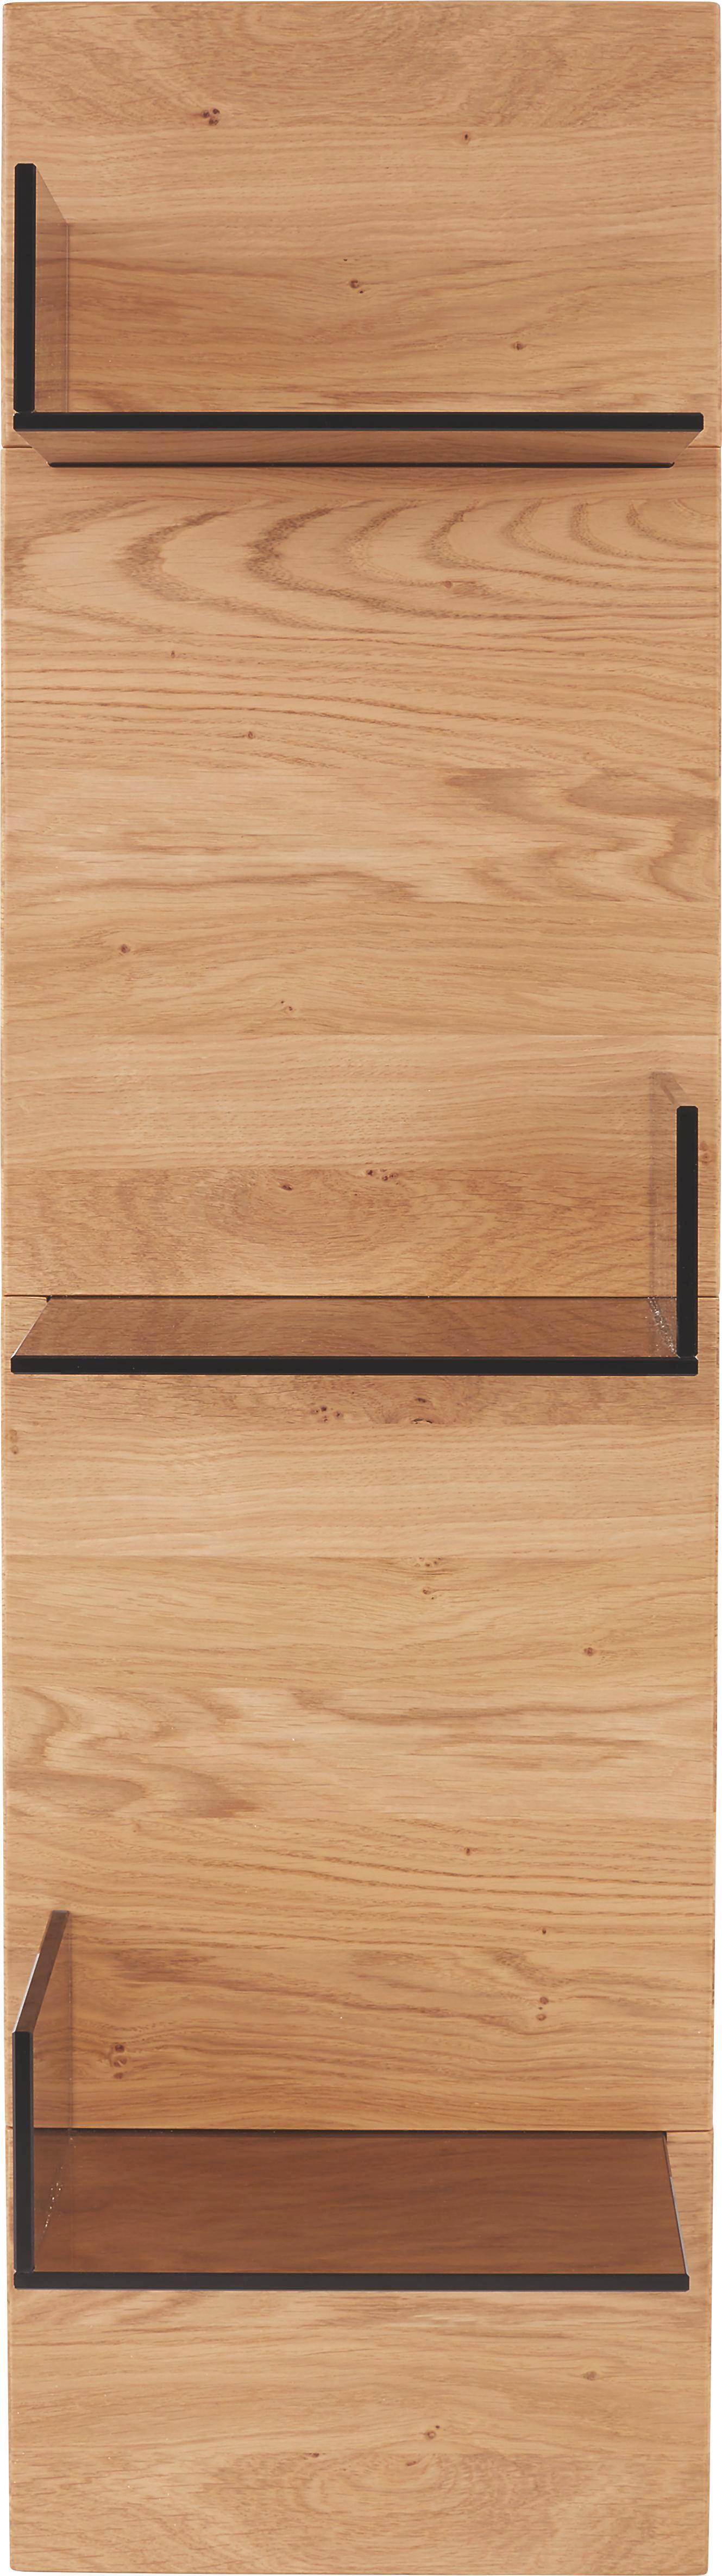 Falipolc Pure - modern, üveg/faanyagok (29/116/21cm)